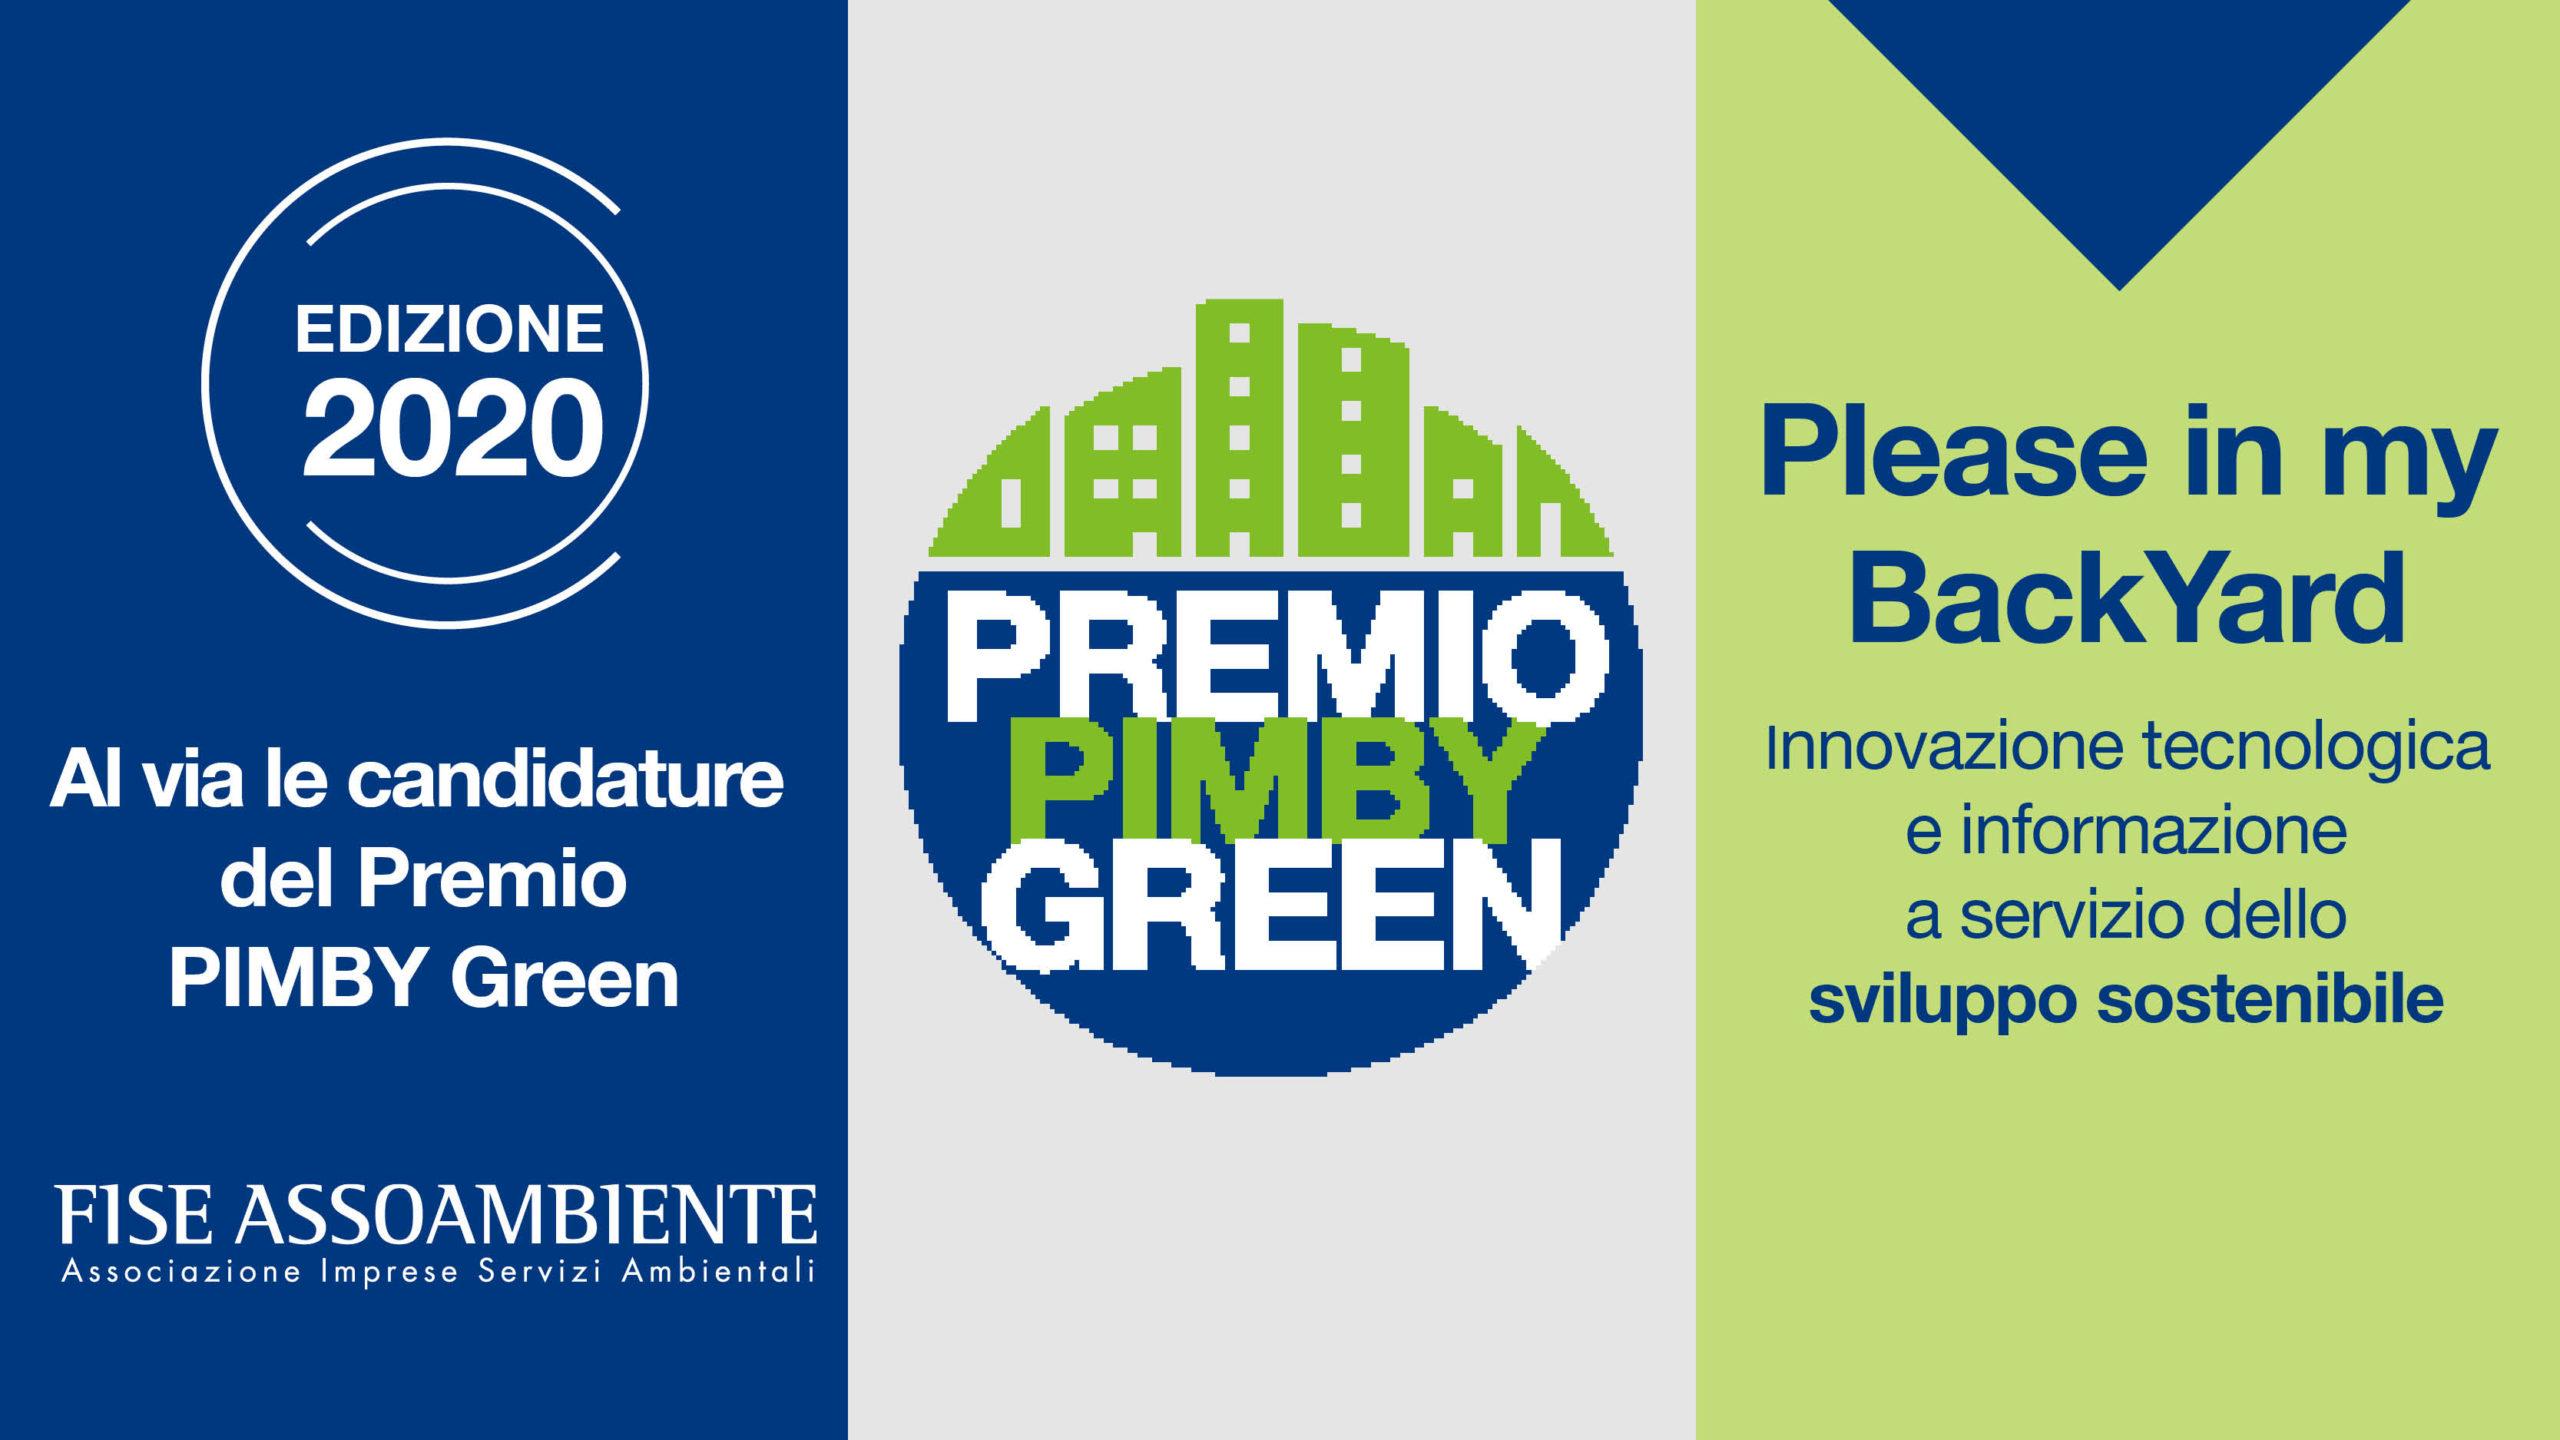 Torna il Premio PIMBY Green, l'innovazione contro il NIMBY